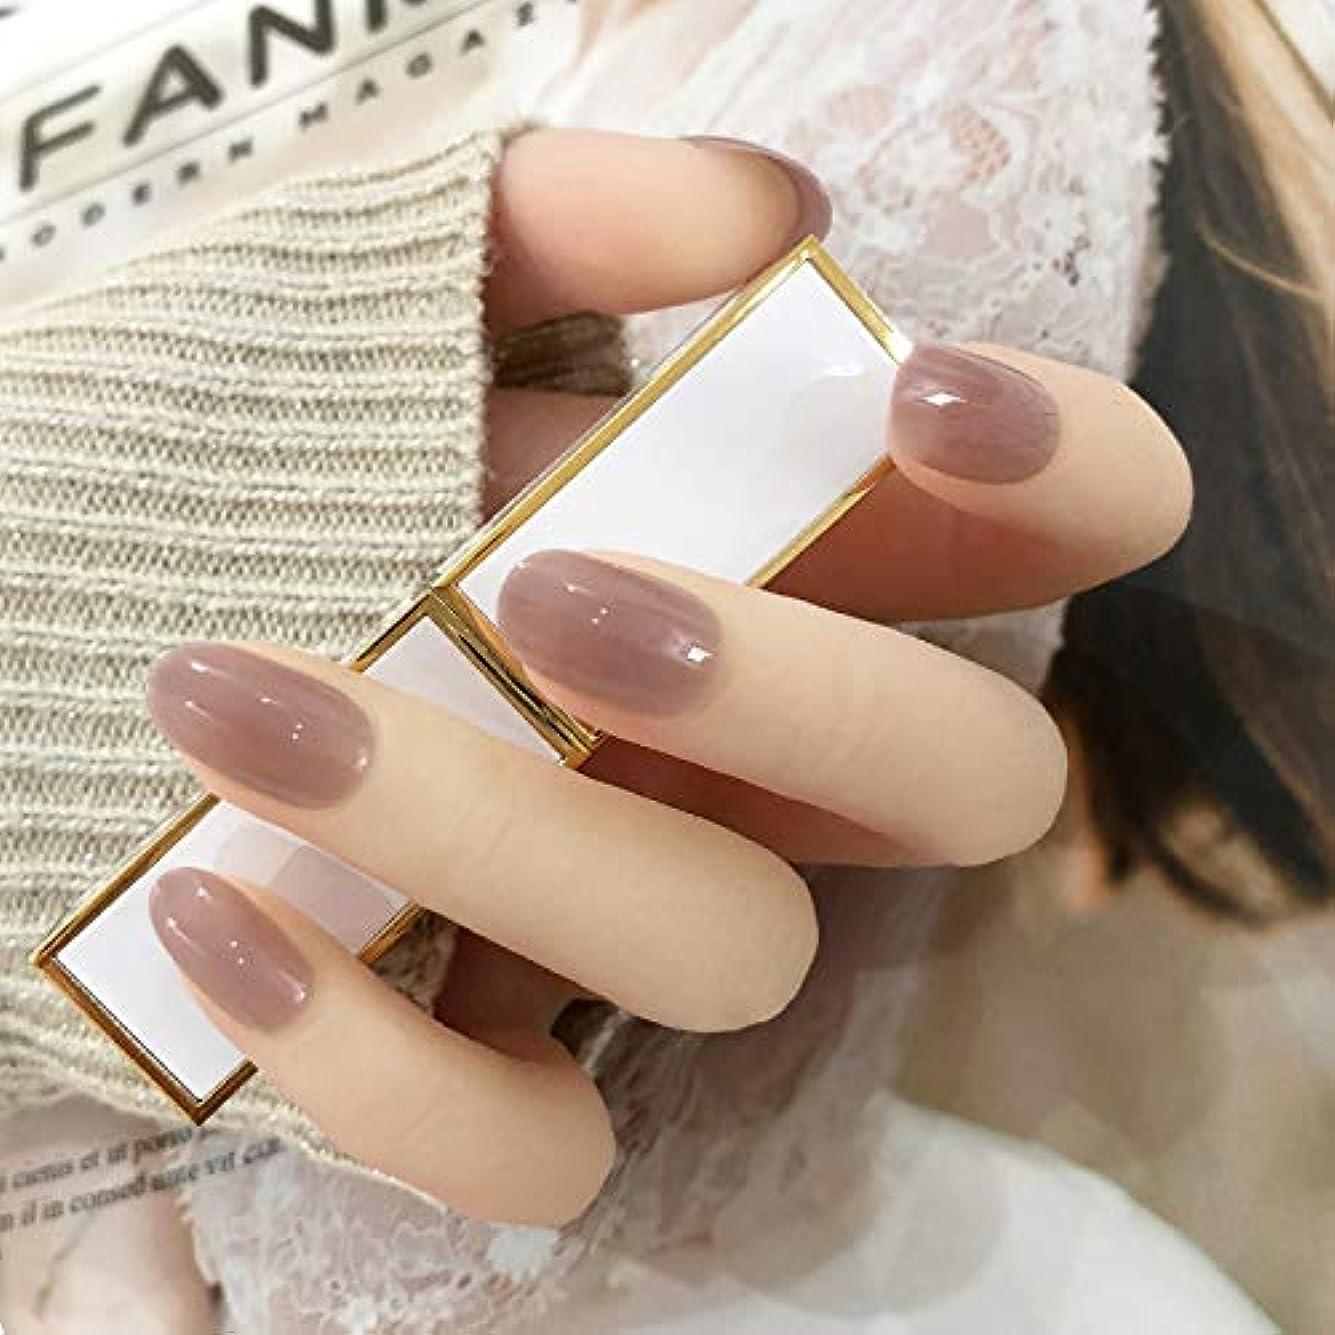 24枚純色付け爪 ネイル貼るだけネイルチップ お花嫁付け爪 (グレーピンク)